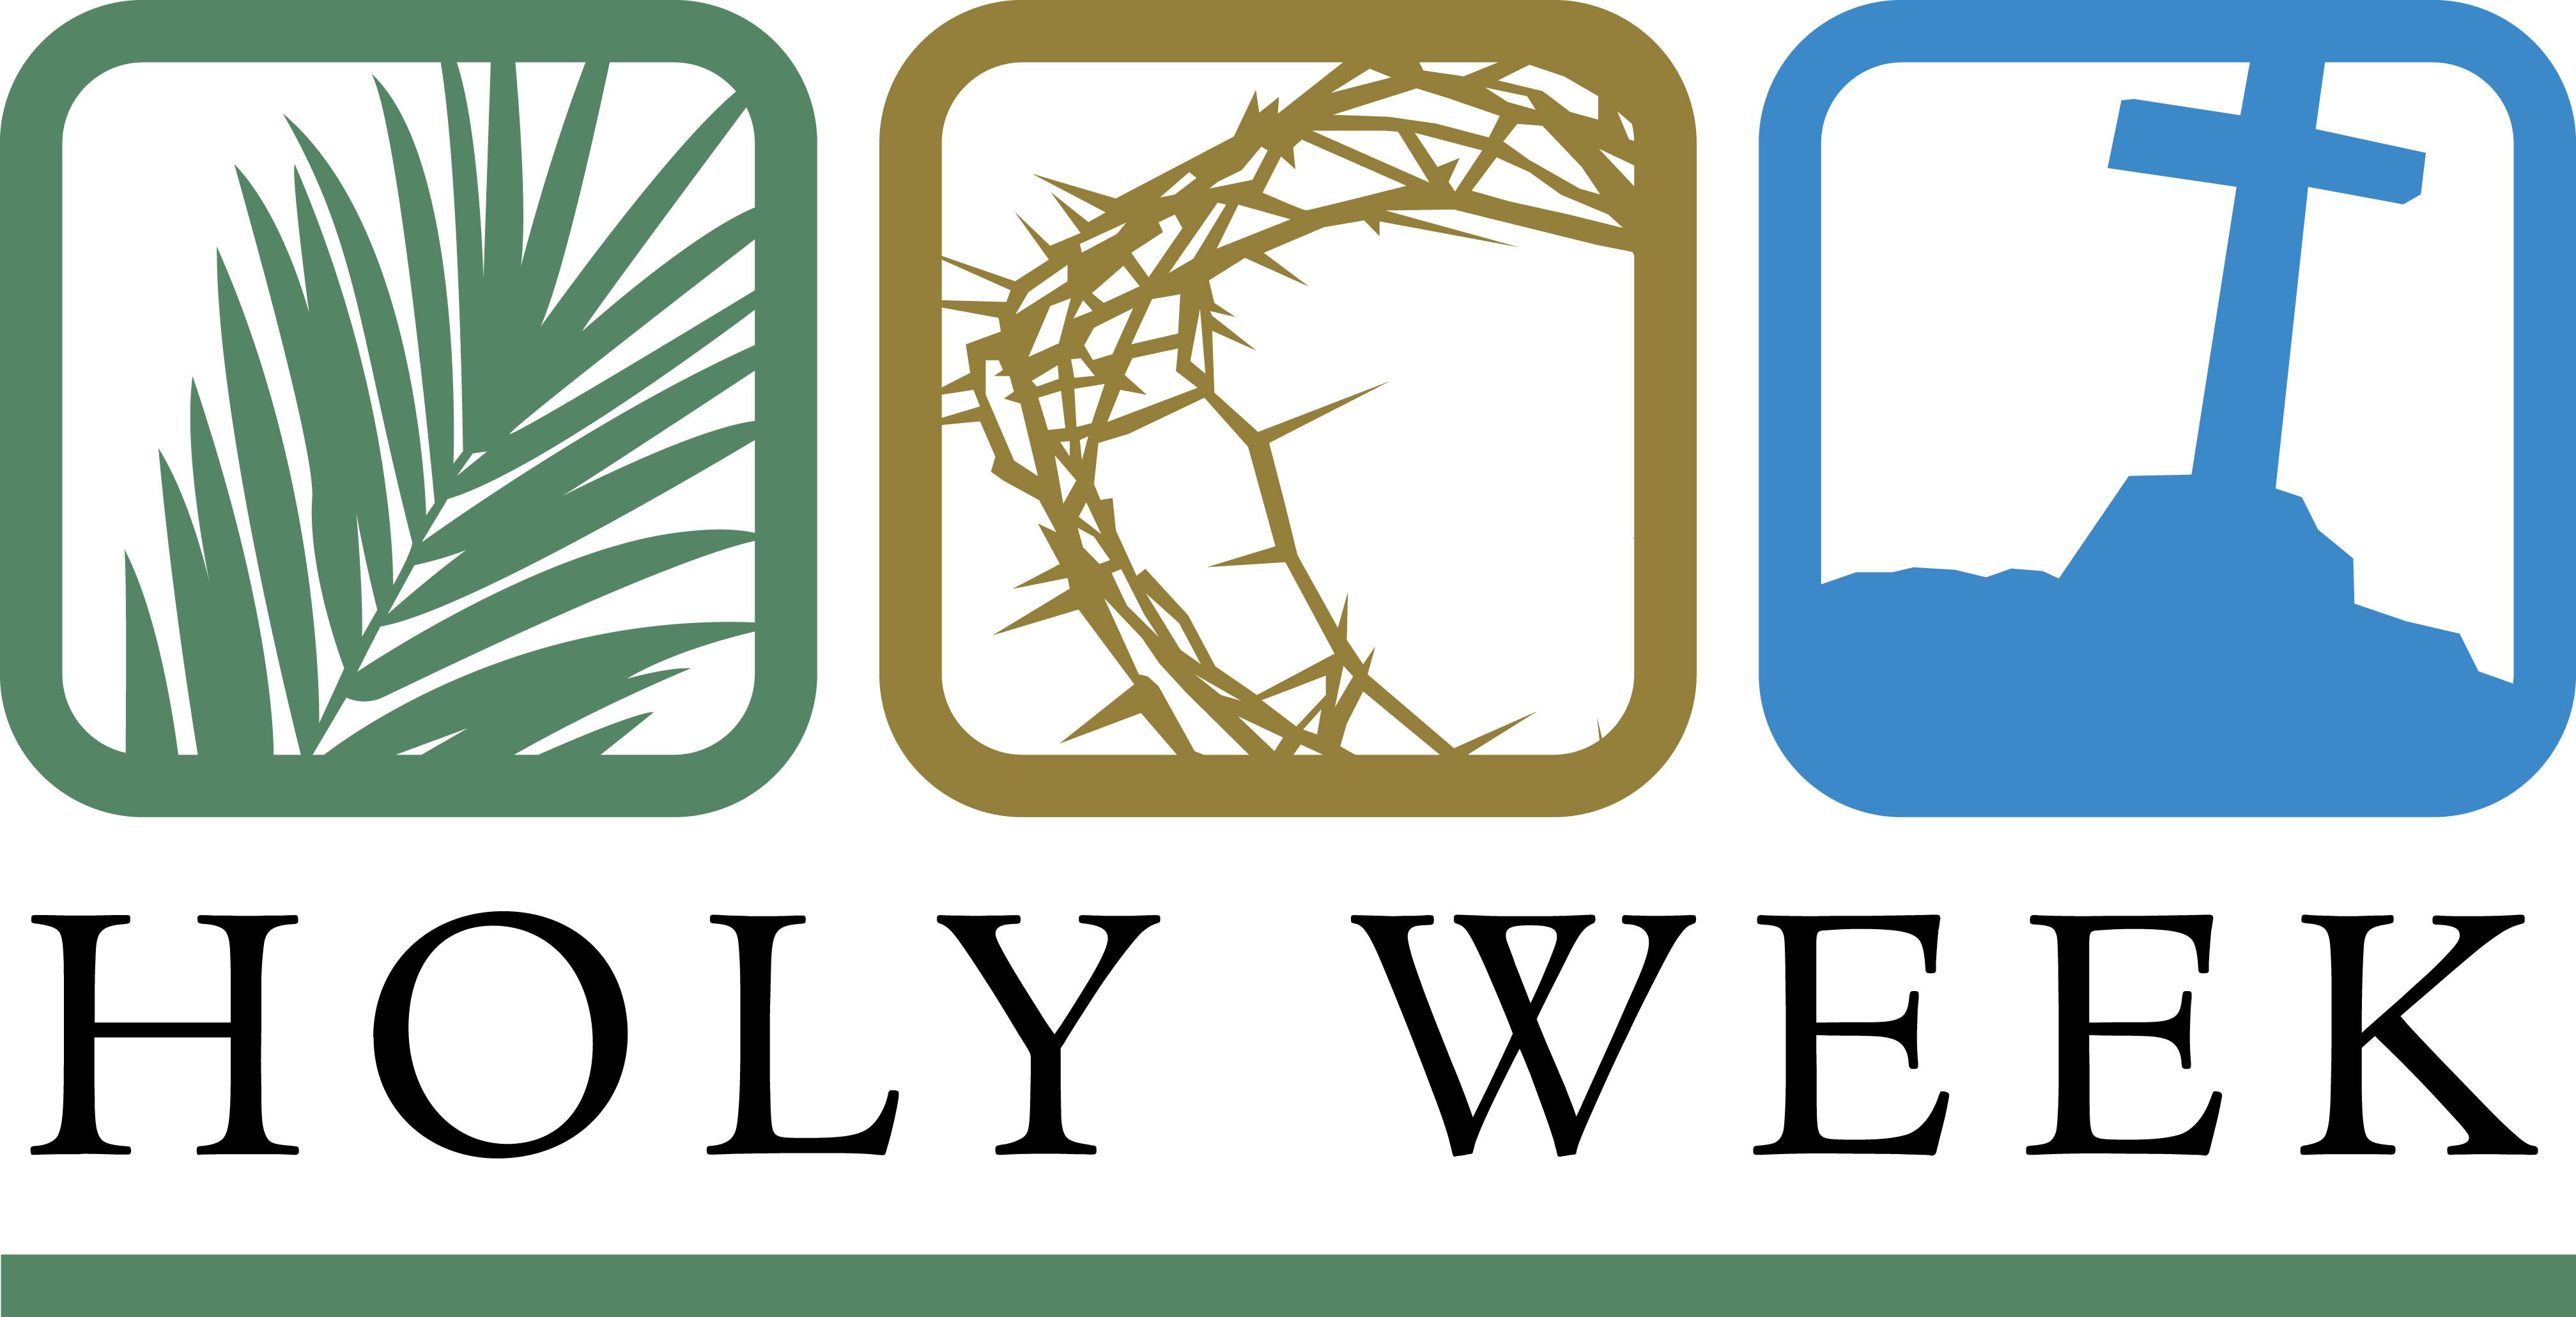 Catholic Holy Week Clipart-Catholic holy week clipart-3